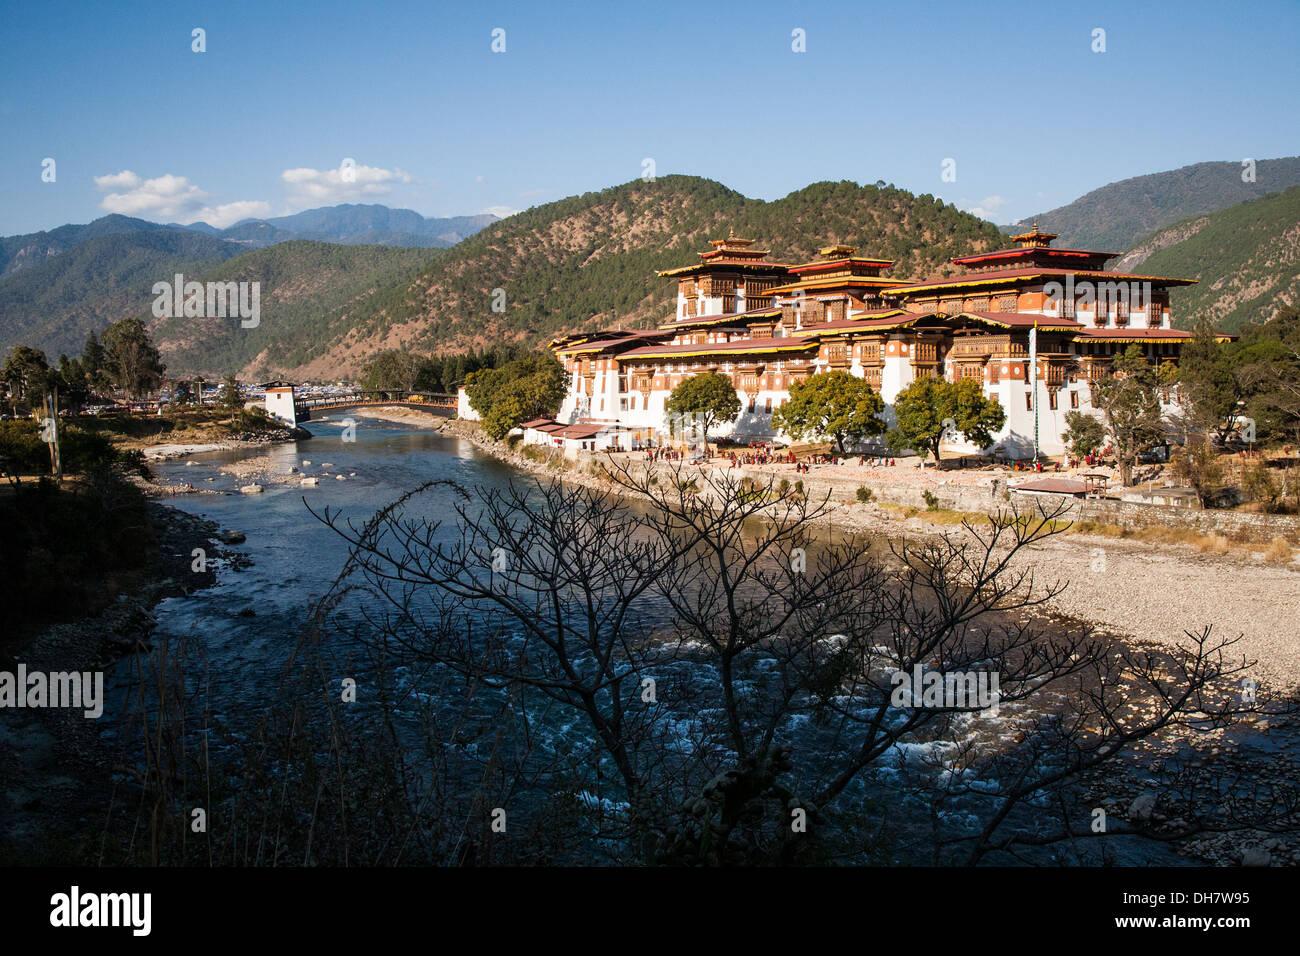 The spectacular Punakha Dzong, Punakha - Bhutan - Stock Image